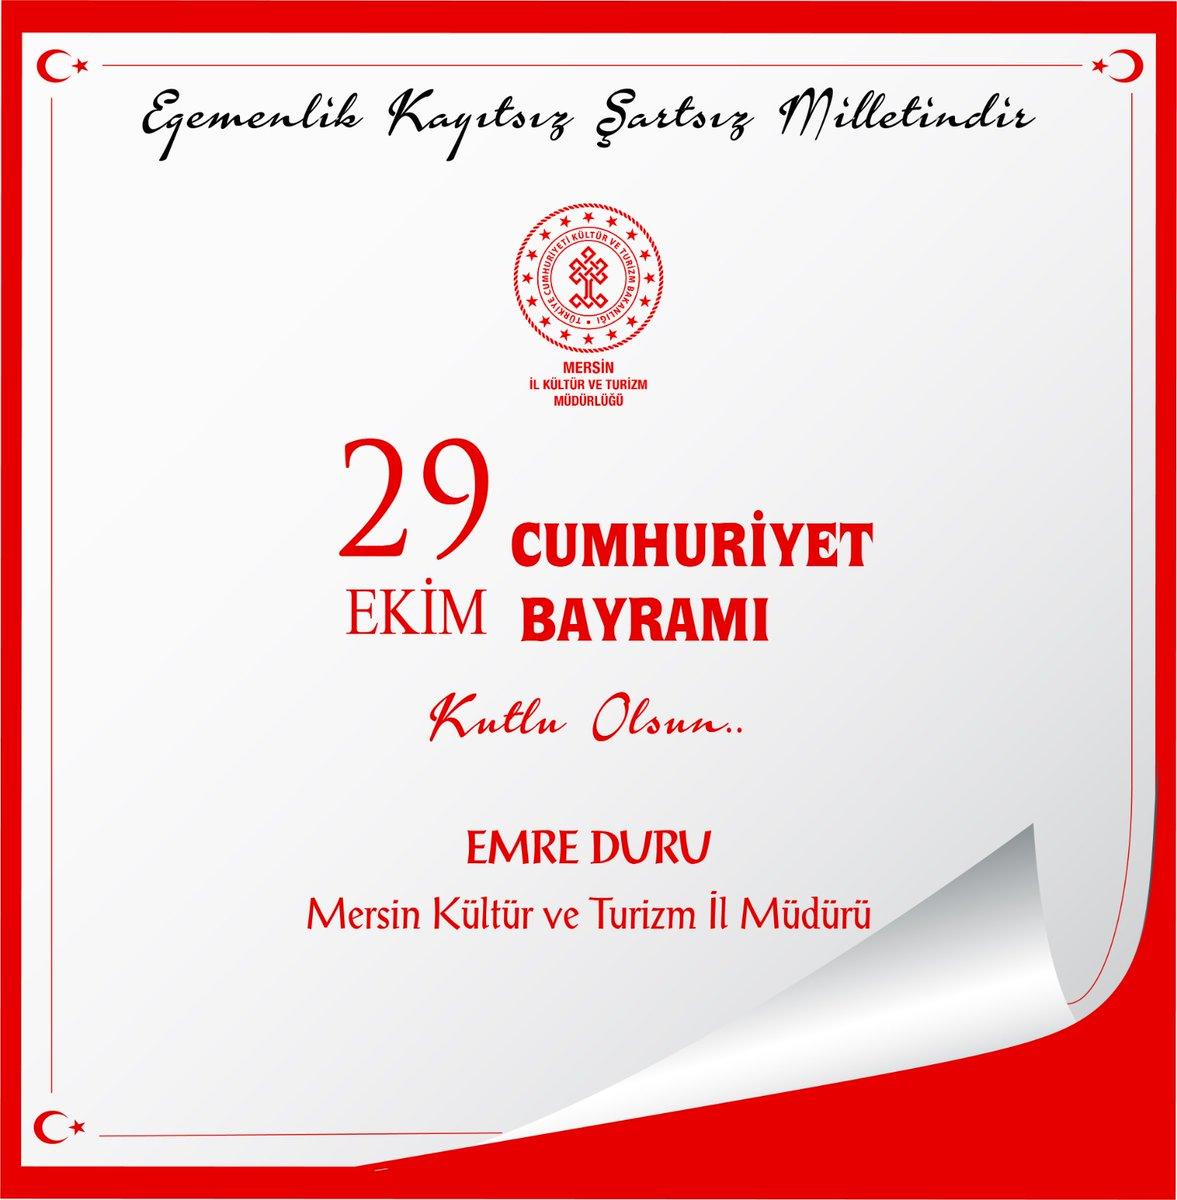 📌Cumhuriyet Bayramımız kutlu olsun 🇹🇷🇹🇷🇹🇷 #MersinKulturveTurizm @MehmetNuriErsoy @lutfielvan https://t.co/oGKVuT9Gjh